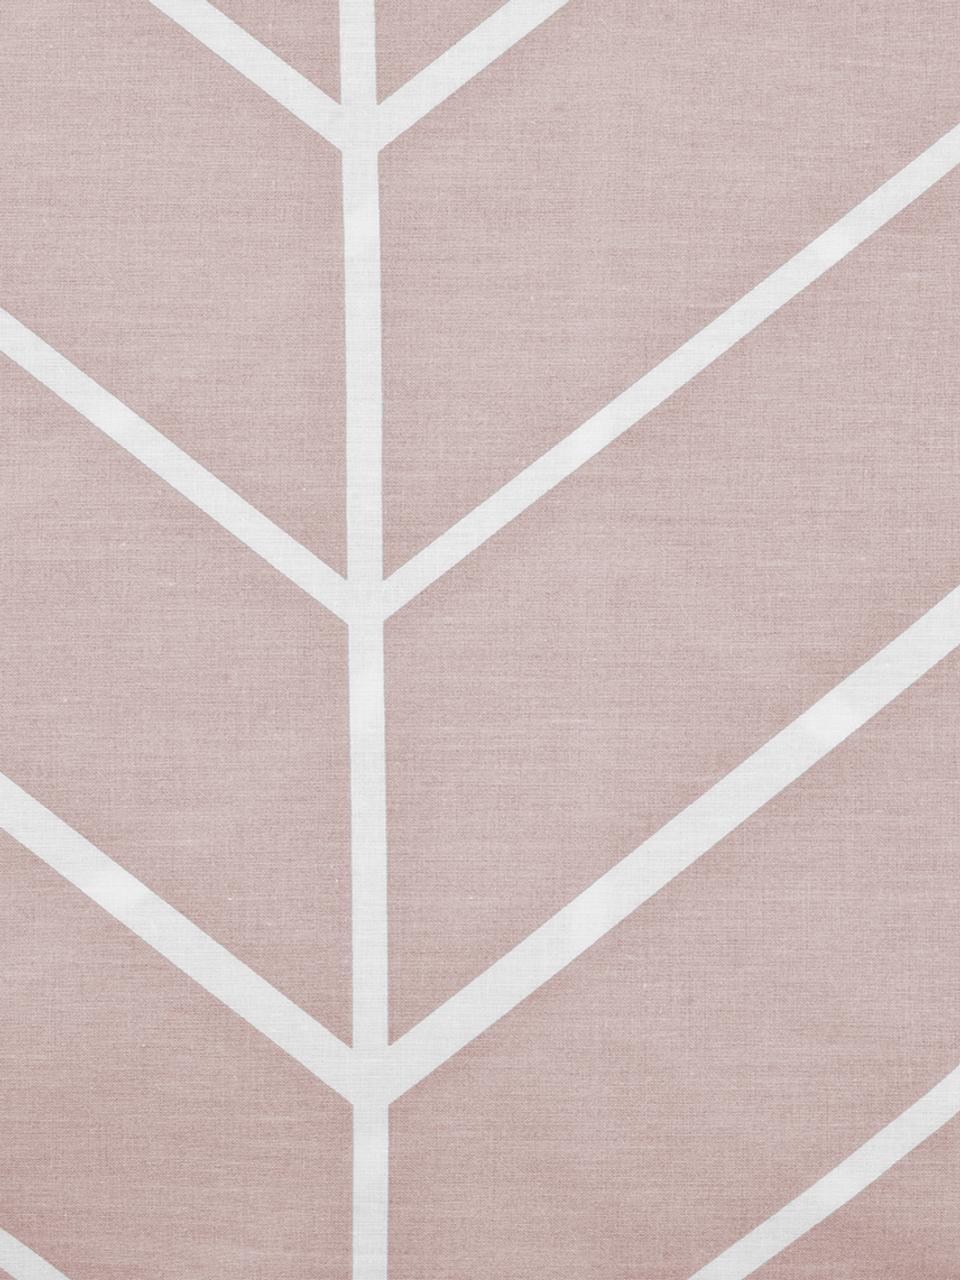 Pościel z bawełny renforcé Mirja, Brudny różowy, kremowobiały, 135 x 200 cm